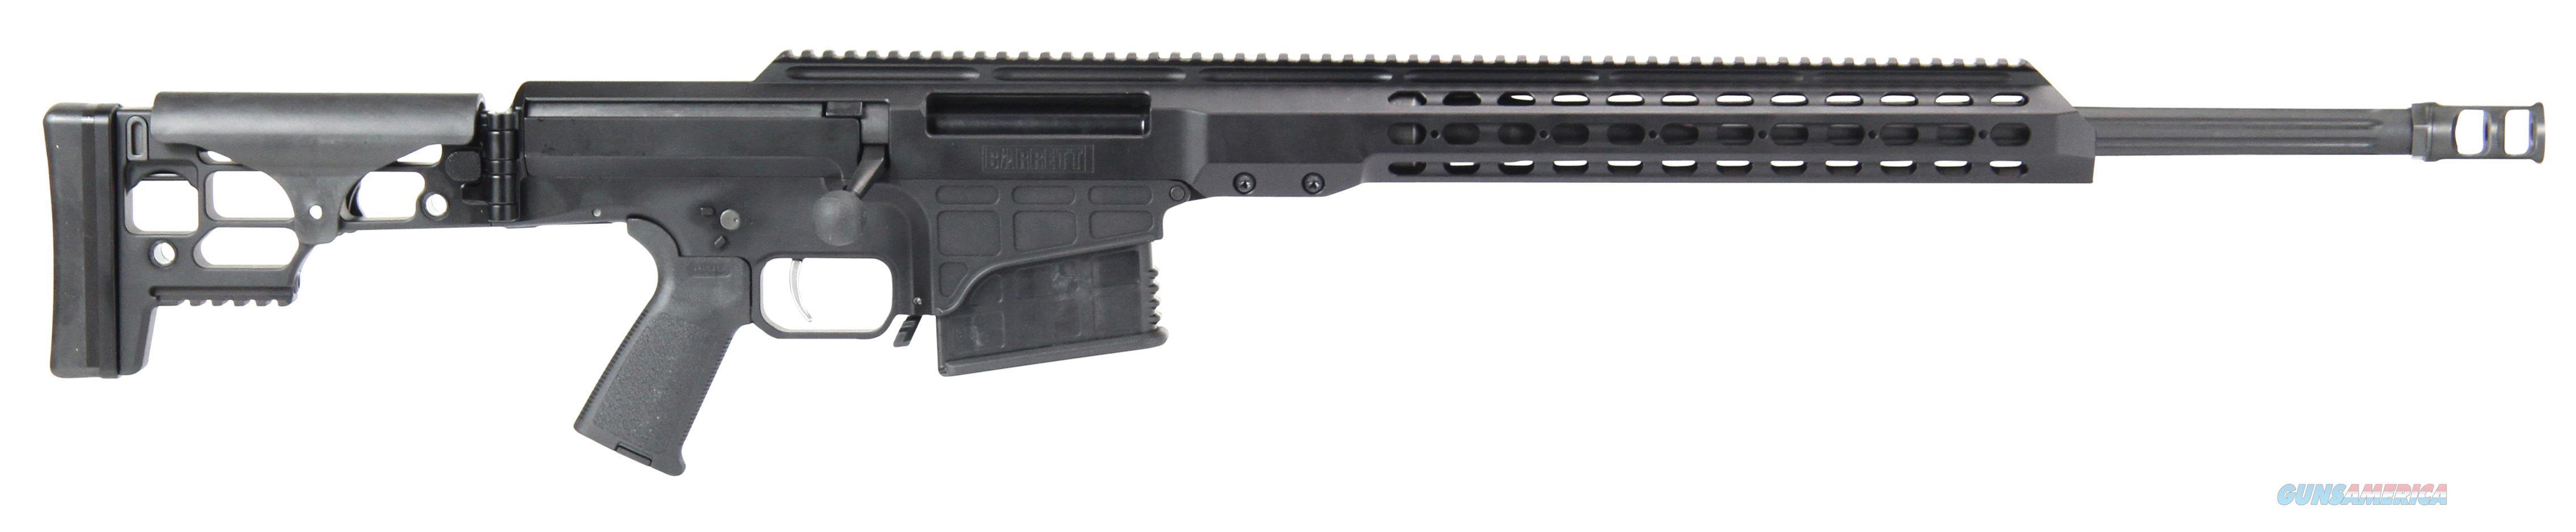 """Barrett 15468 Mrad Bolt 7Mm Remington Magnum 24"""" 10+1 Folding Blk Stk Blk Hard Coat Anodized 15468  Guns > Rifles > Barrett Rifles"""